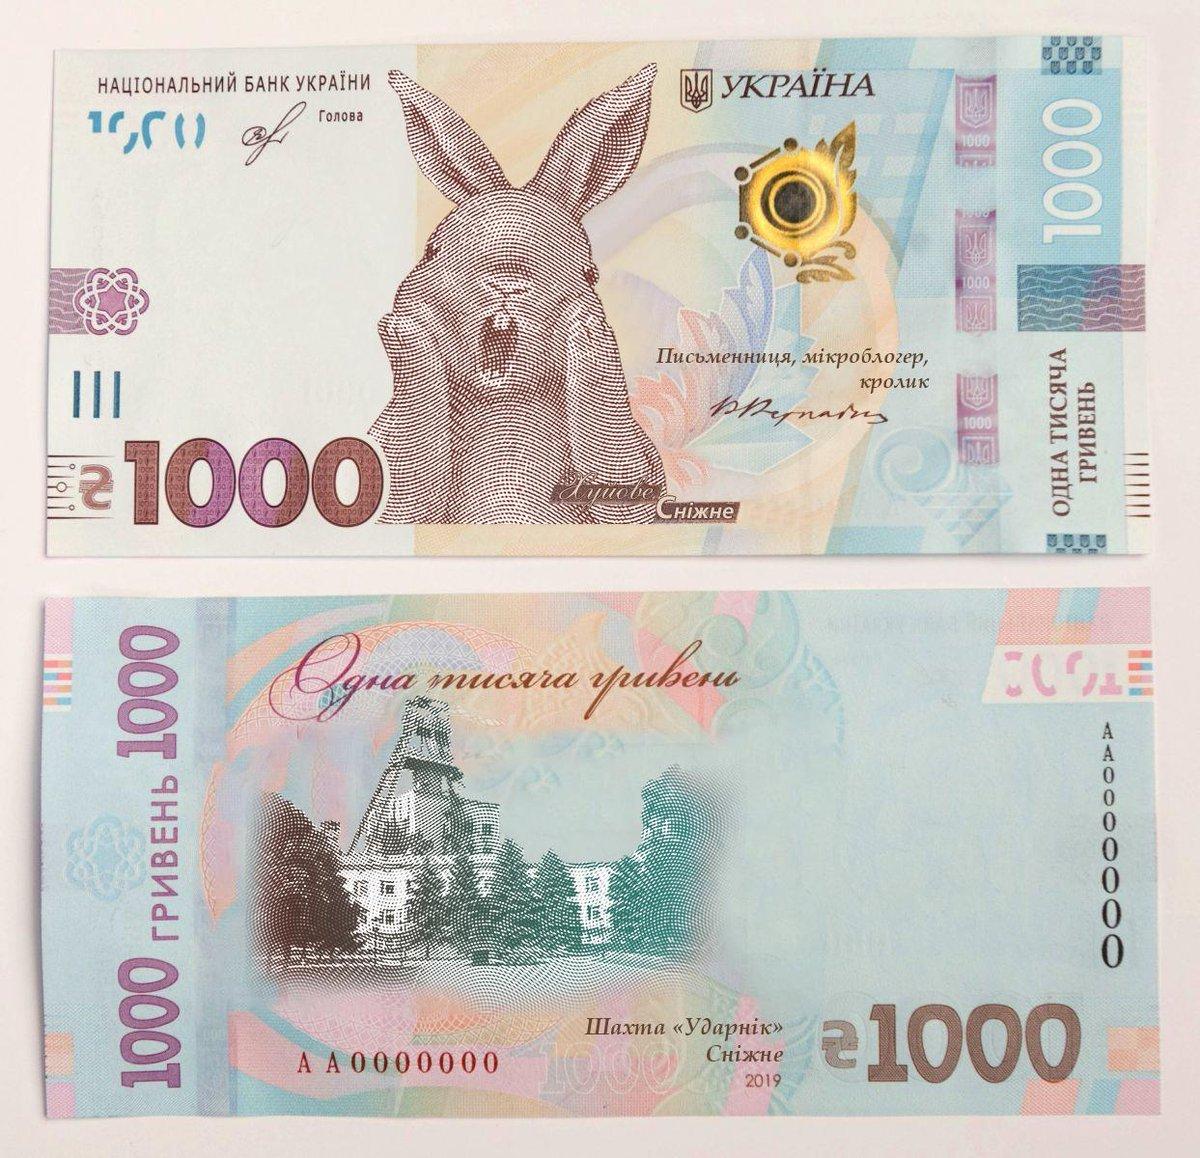 В Украине ввели в оборот 1000 гривен: как распознать подделку и реакция соцсетей, - ФОТО, фото-16